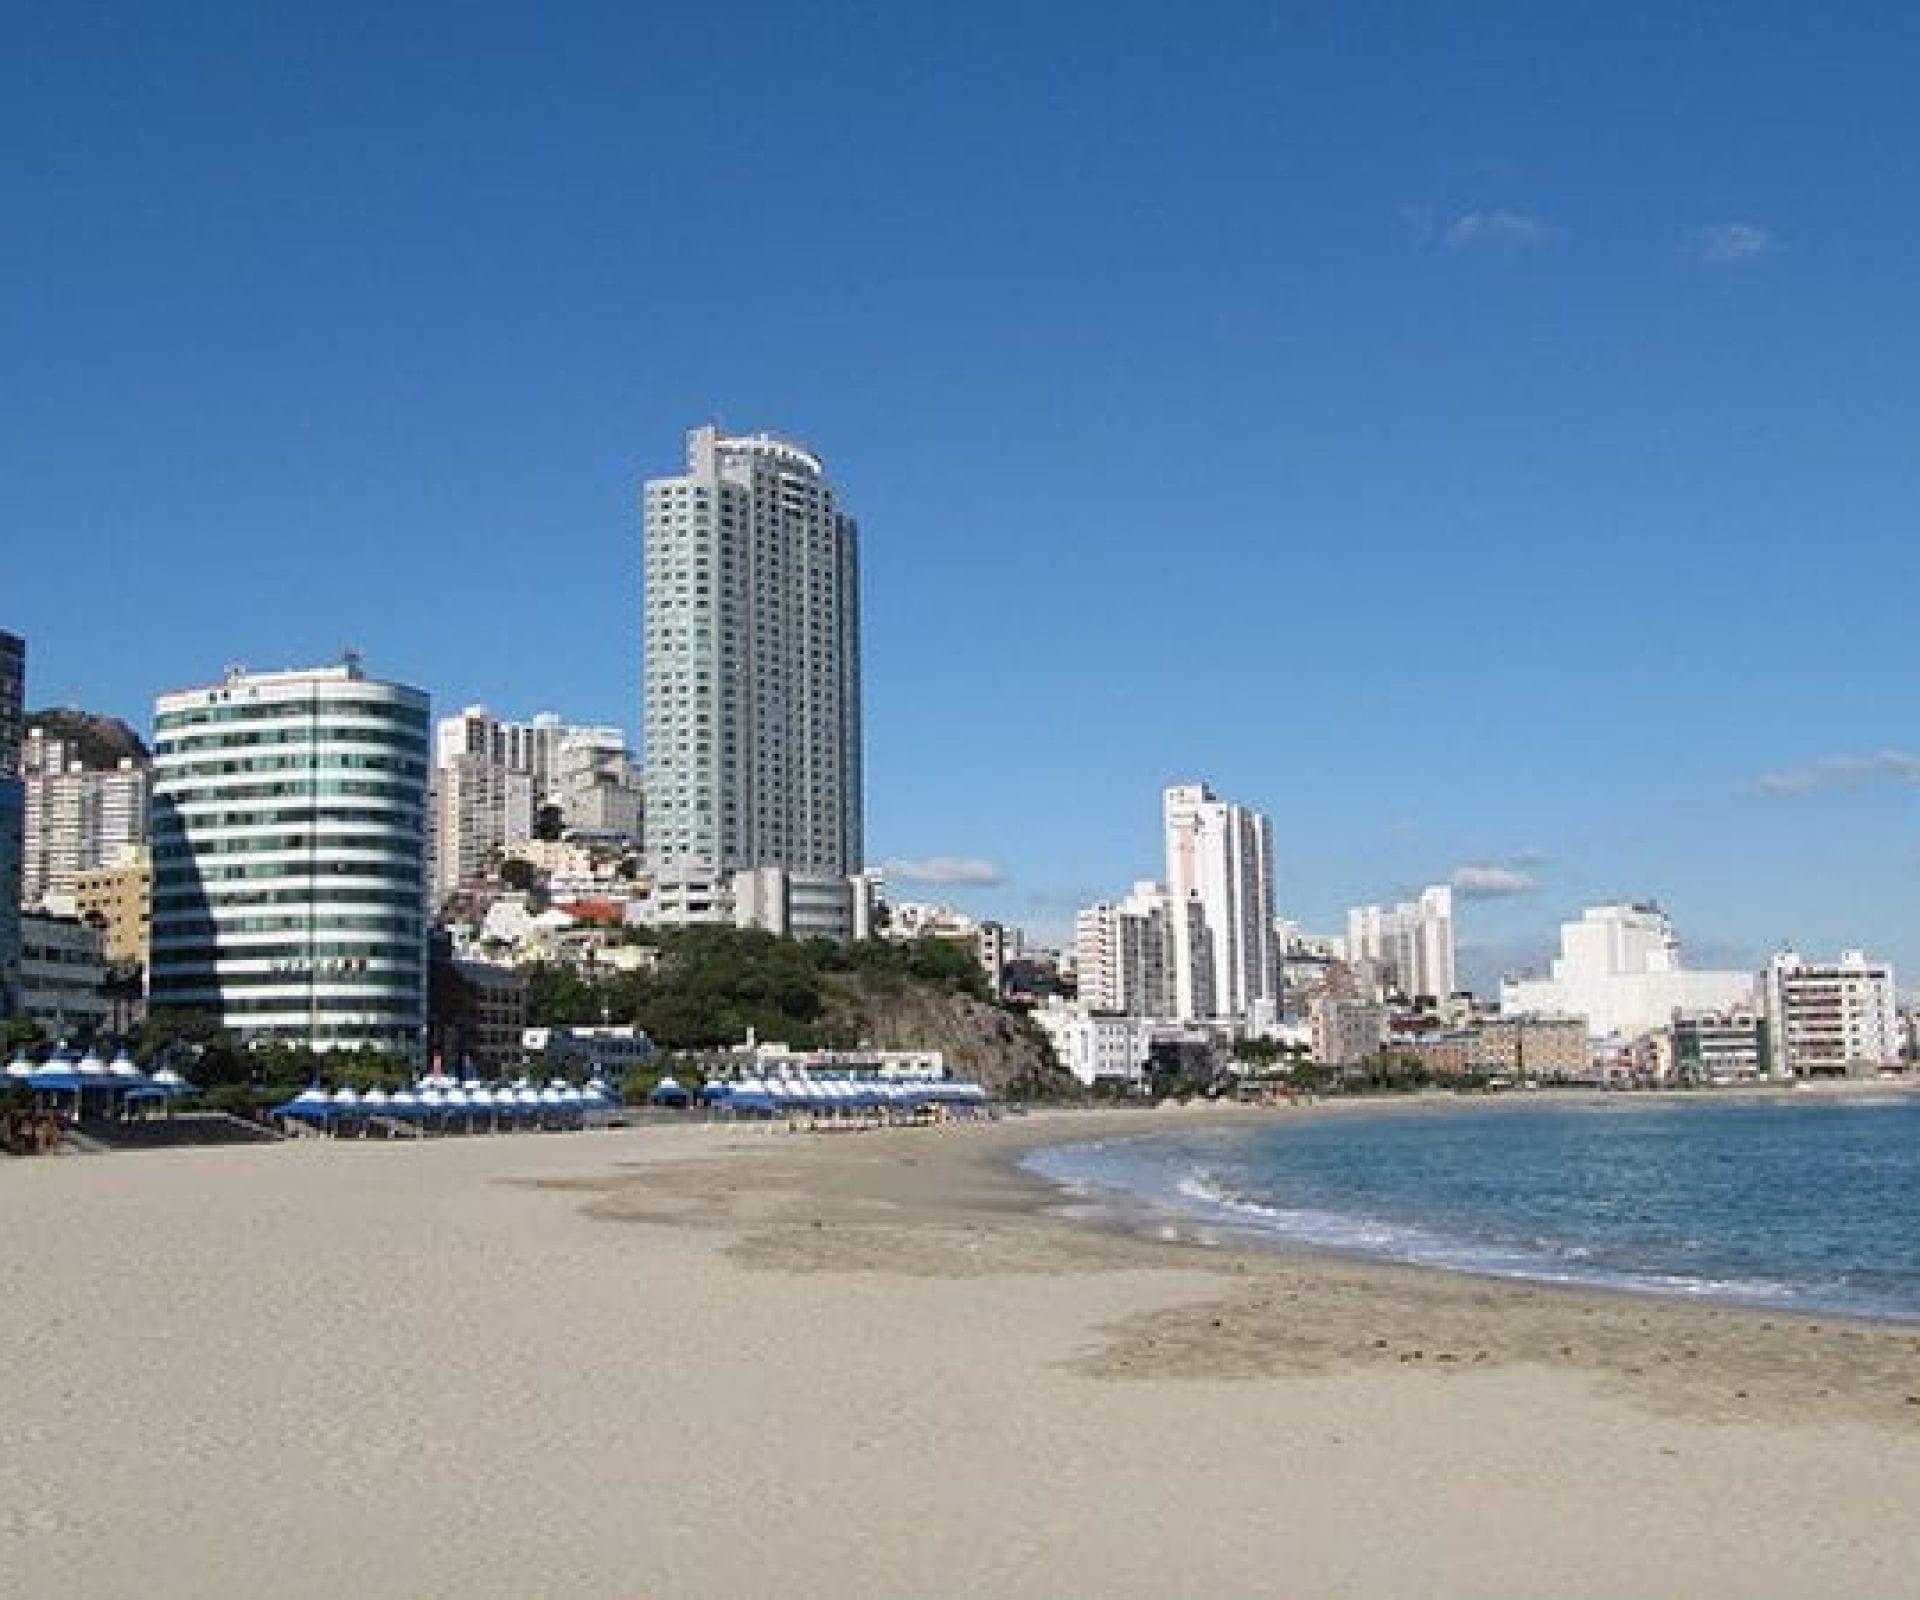 Songdo Beach | Seo-gu, Busan